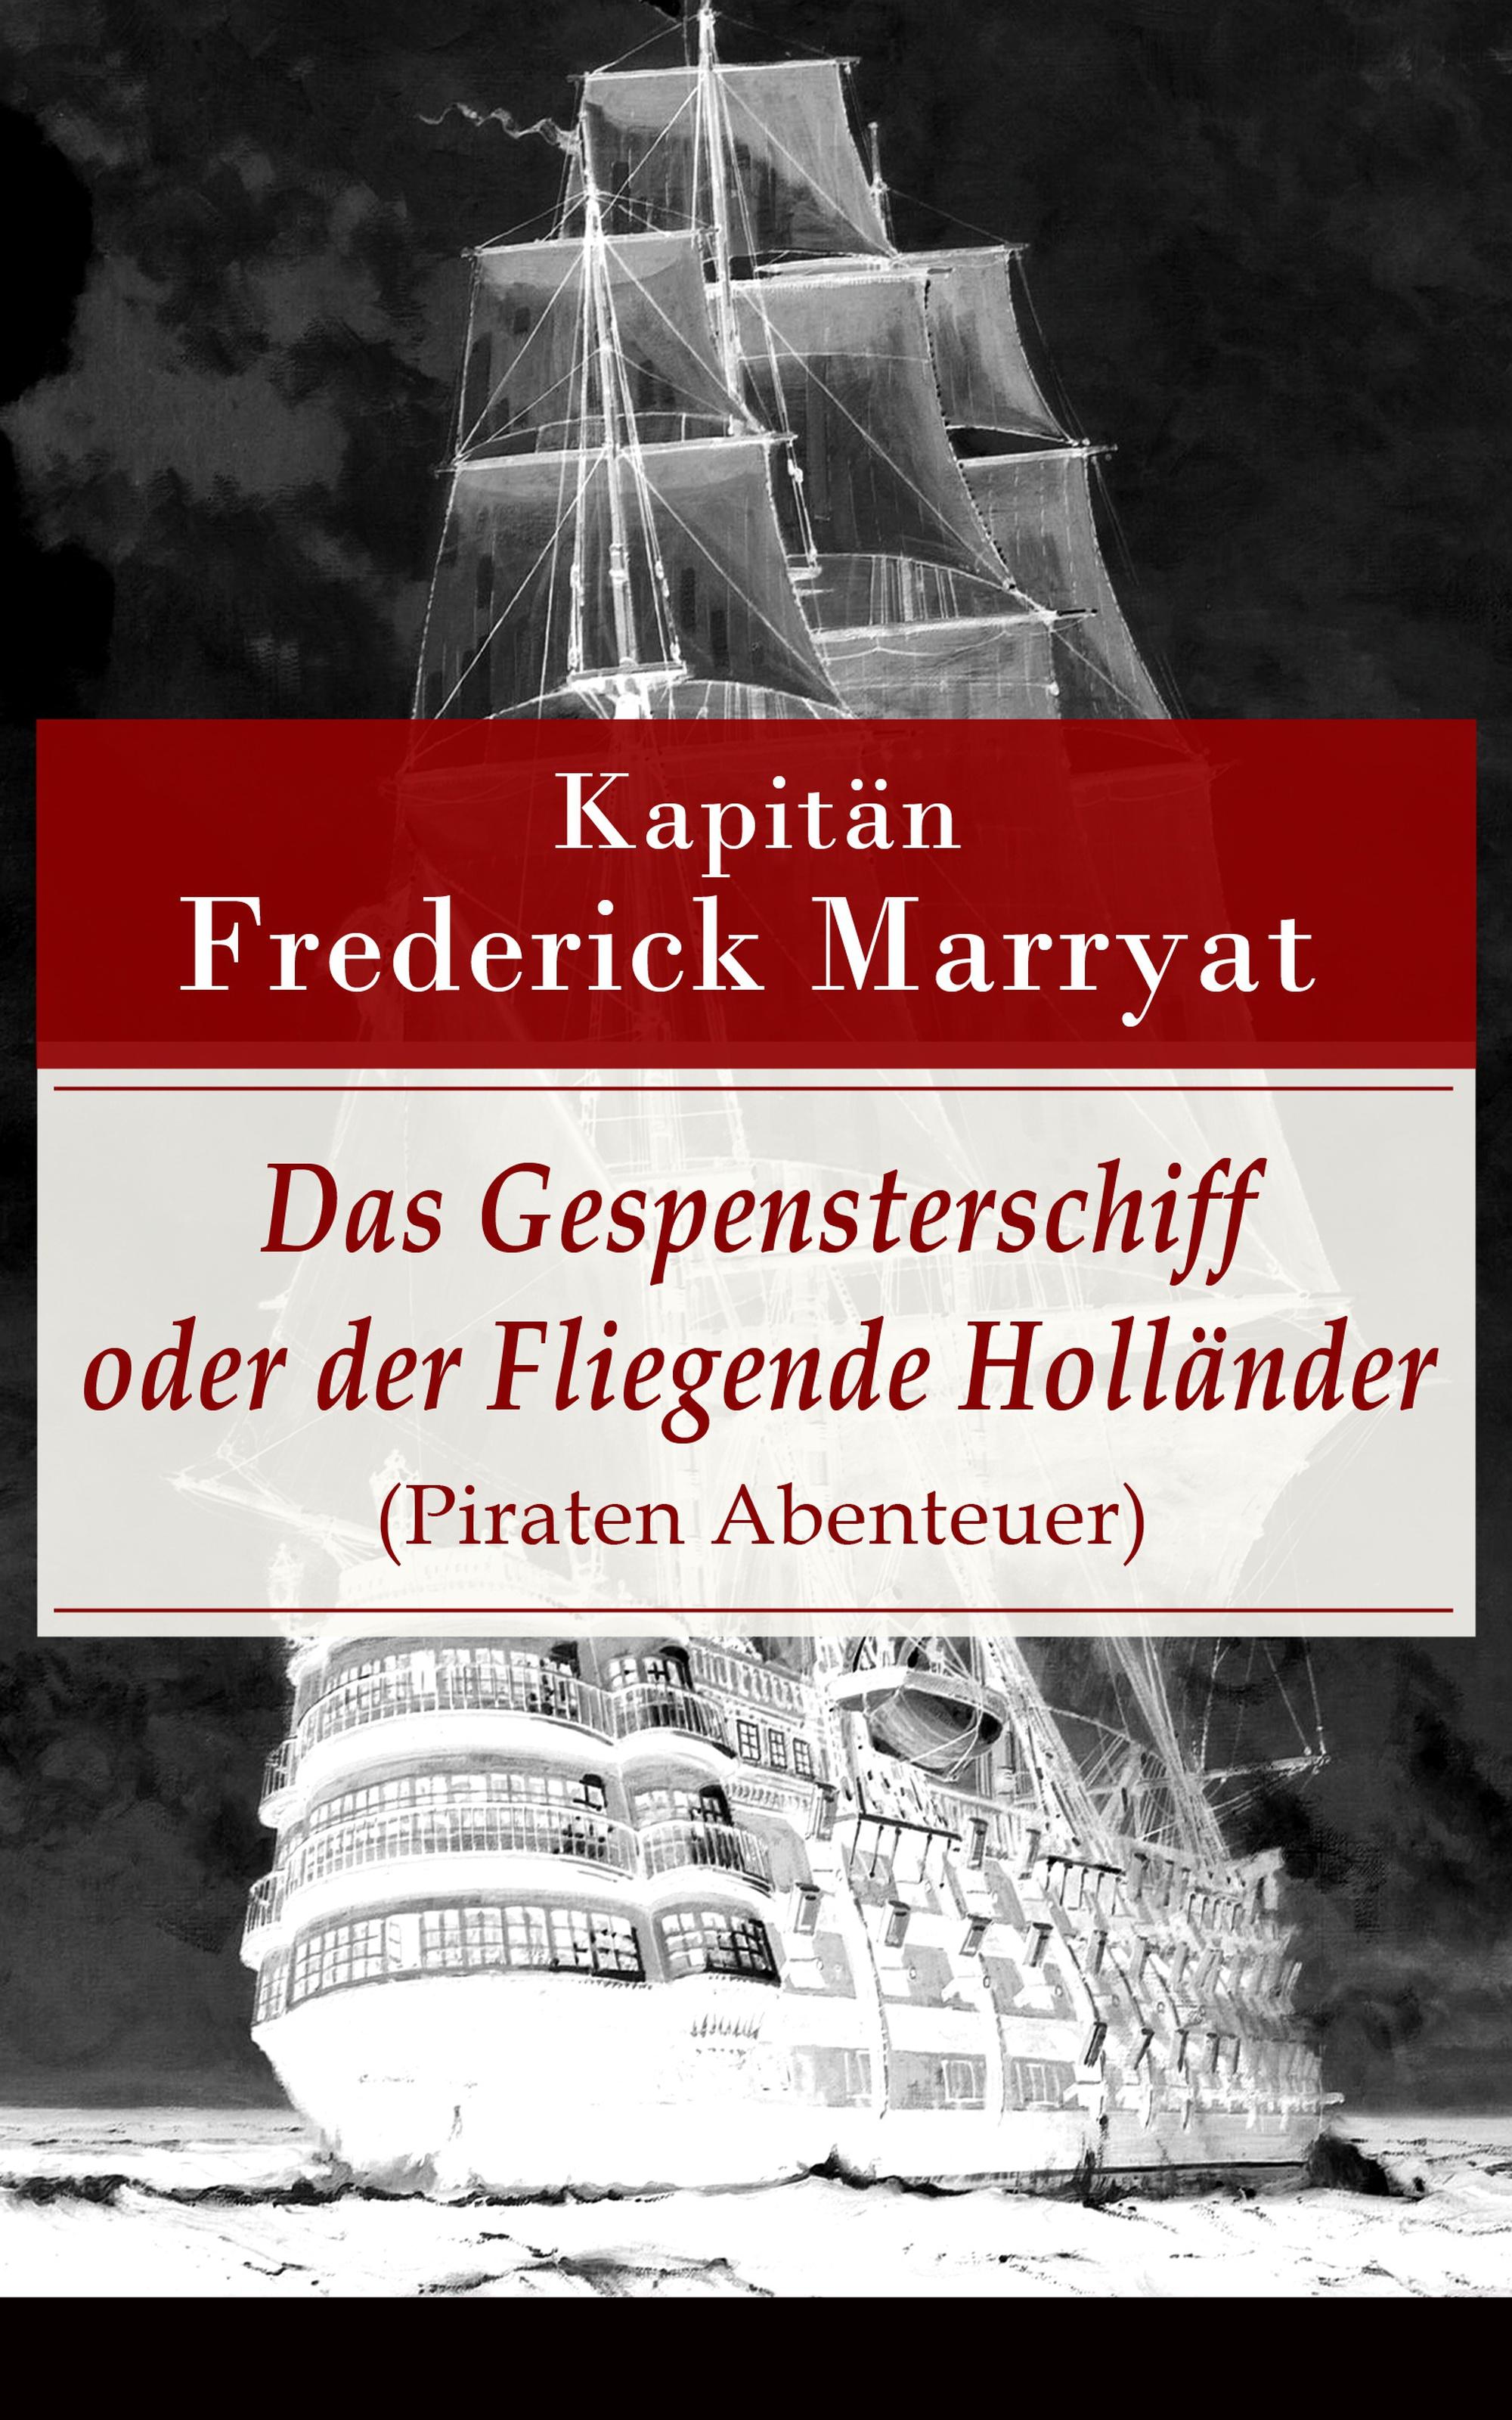 Kapitän Frederick Marryat Das Gespensterschiff oder der Fliegende Holländer (Piraten Abenteuer)